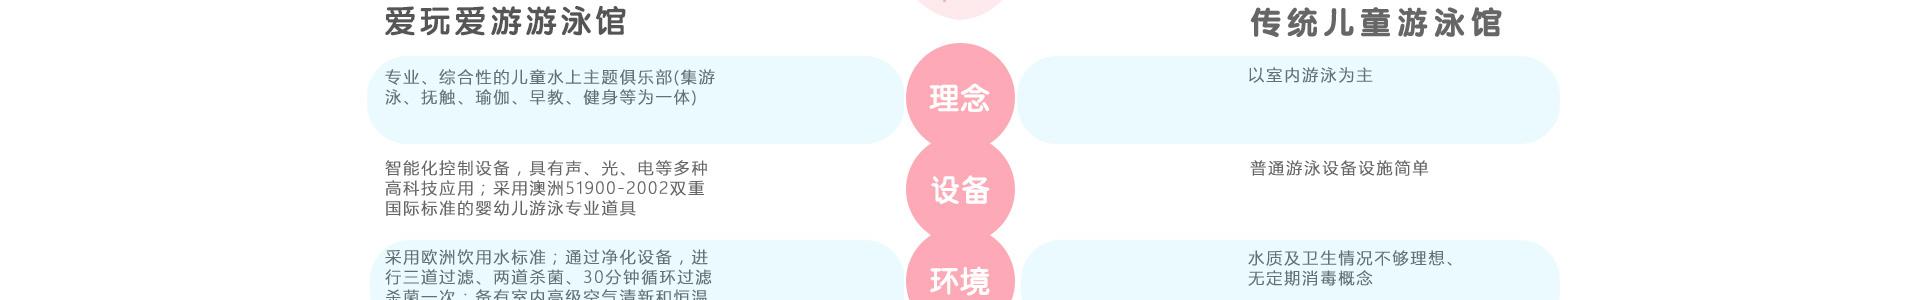 爱玩爱游亲子成长中心aiwanay_23